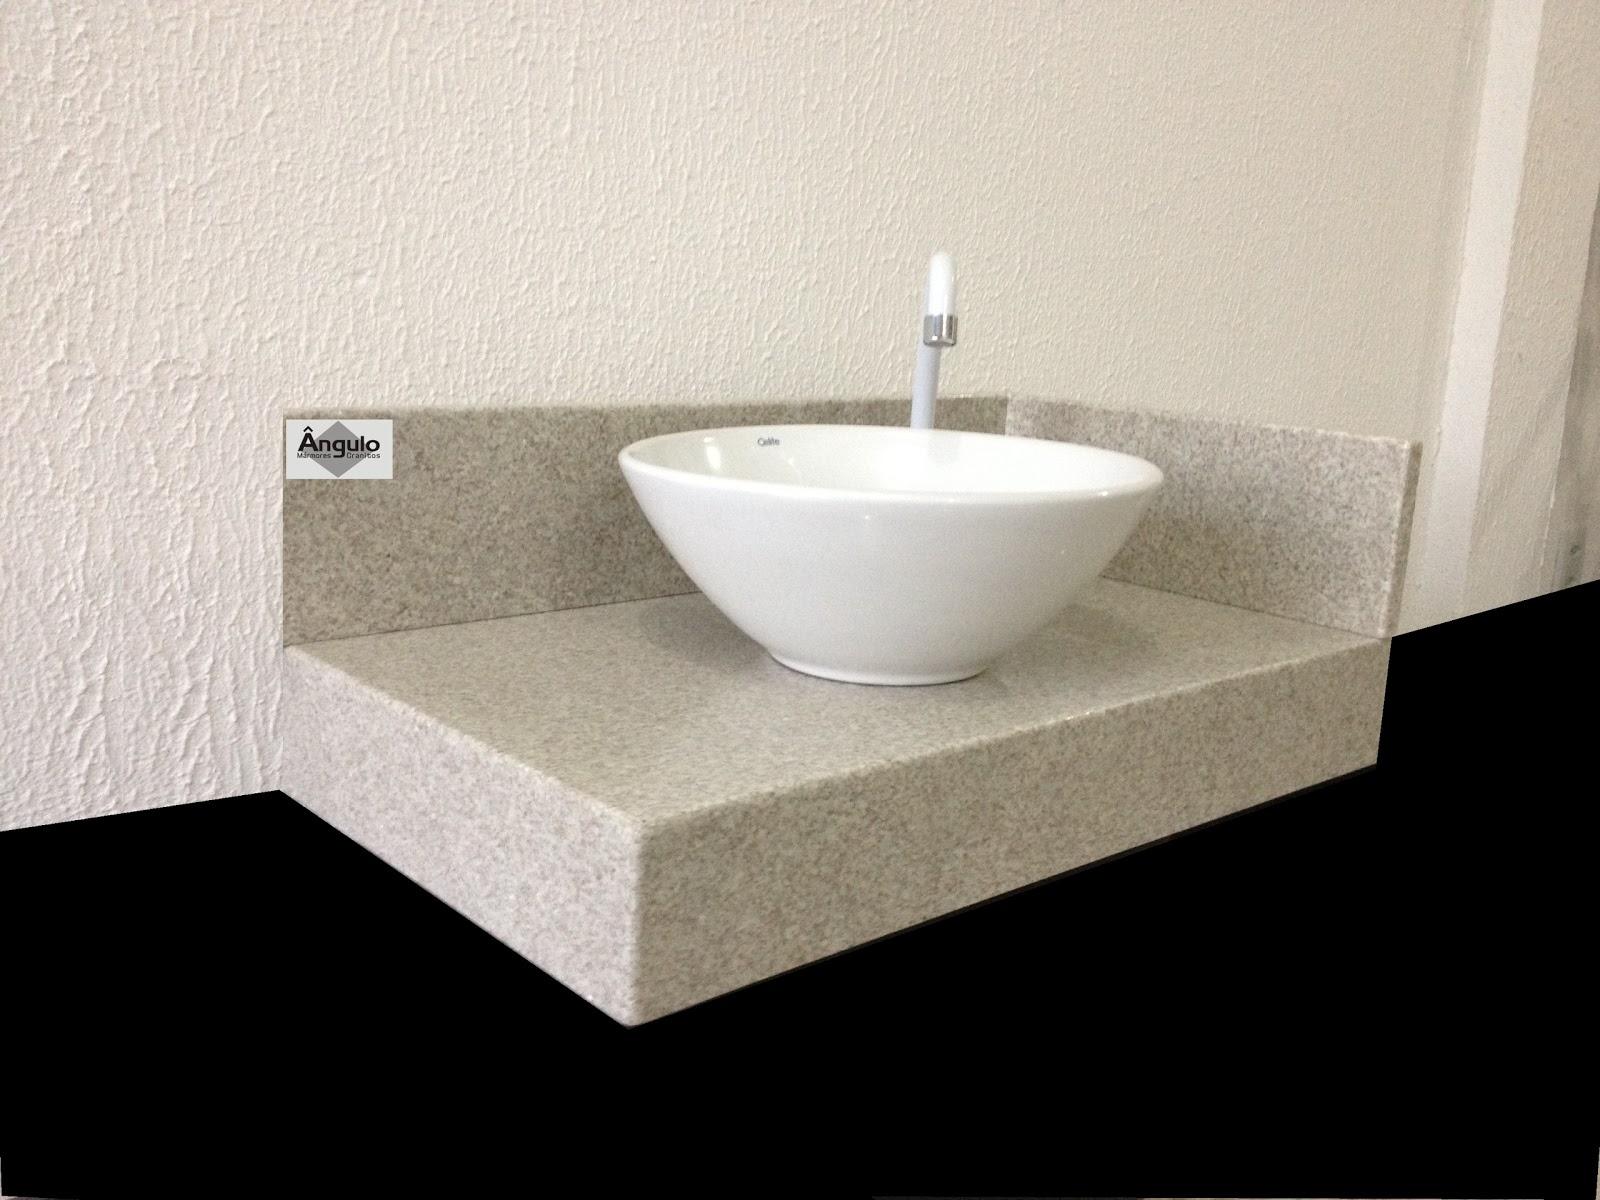 Banheiro Com Bancada Em Silestone Estelar Azul E Miscelanea Especial  #000000 1600x1200 Bancada Banheiro Silestone